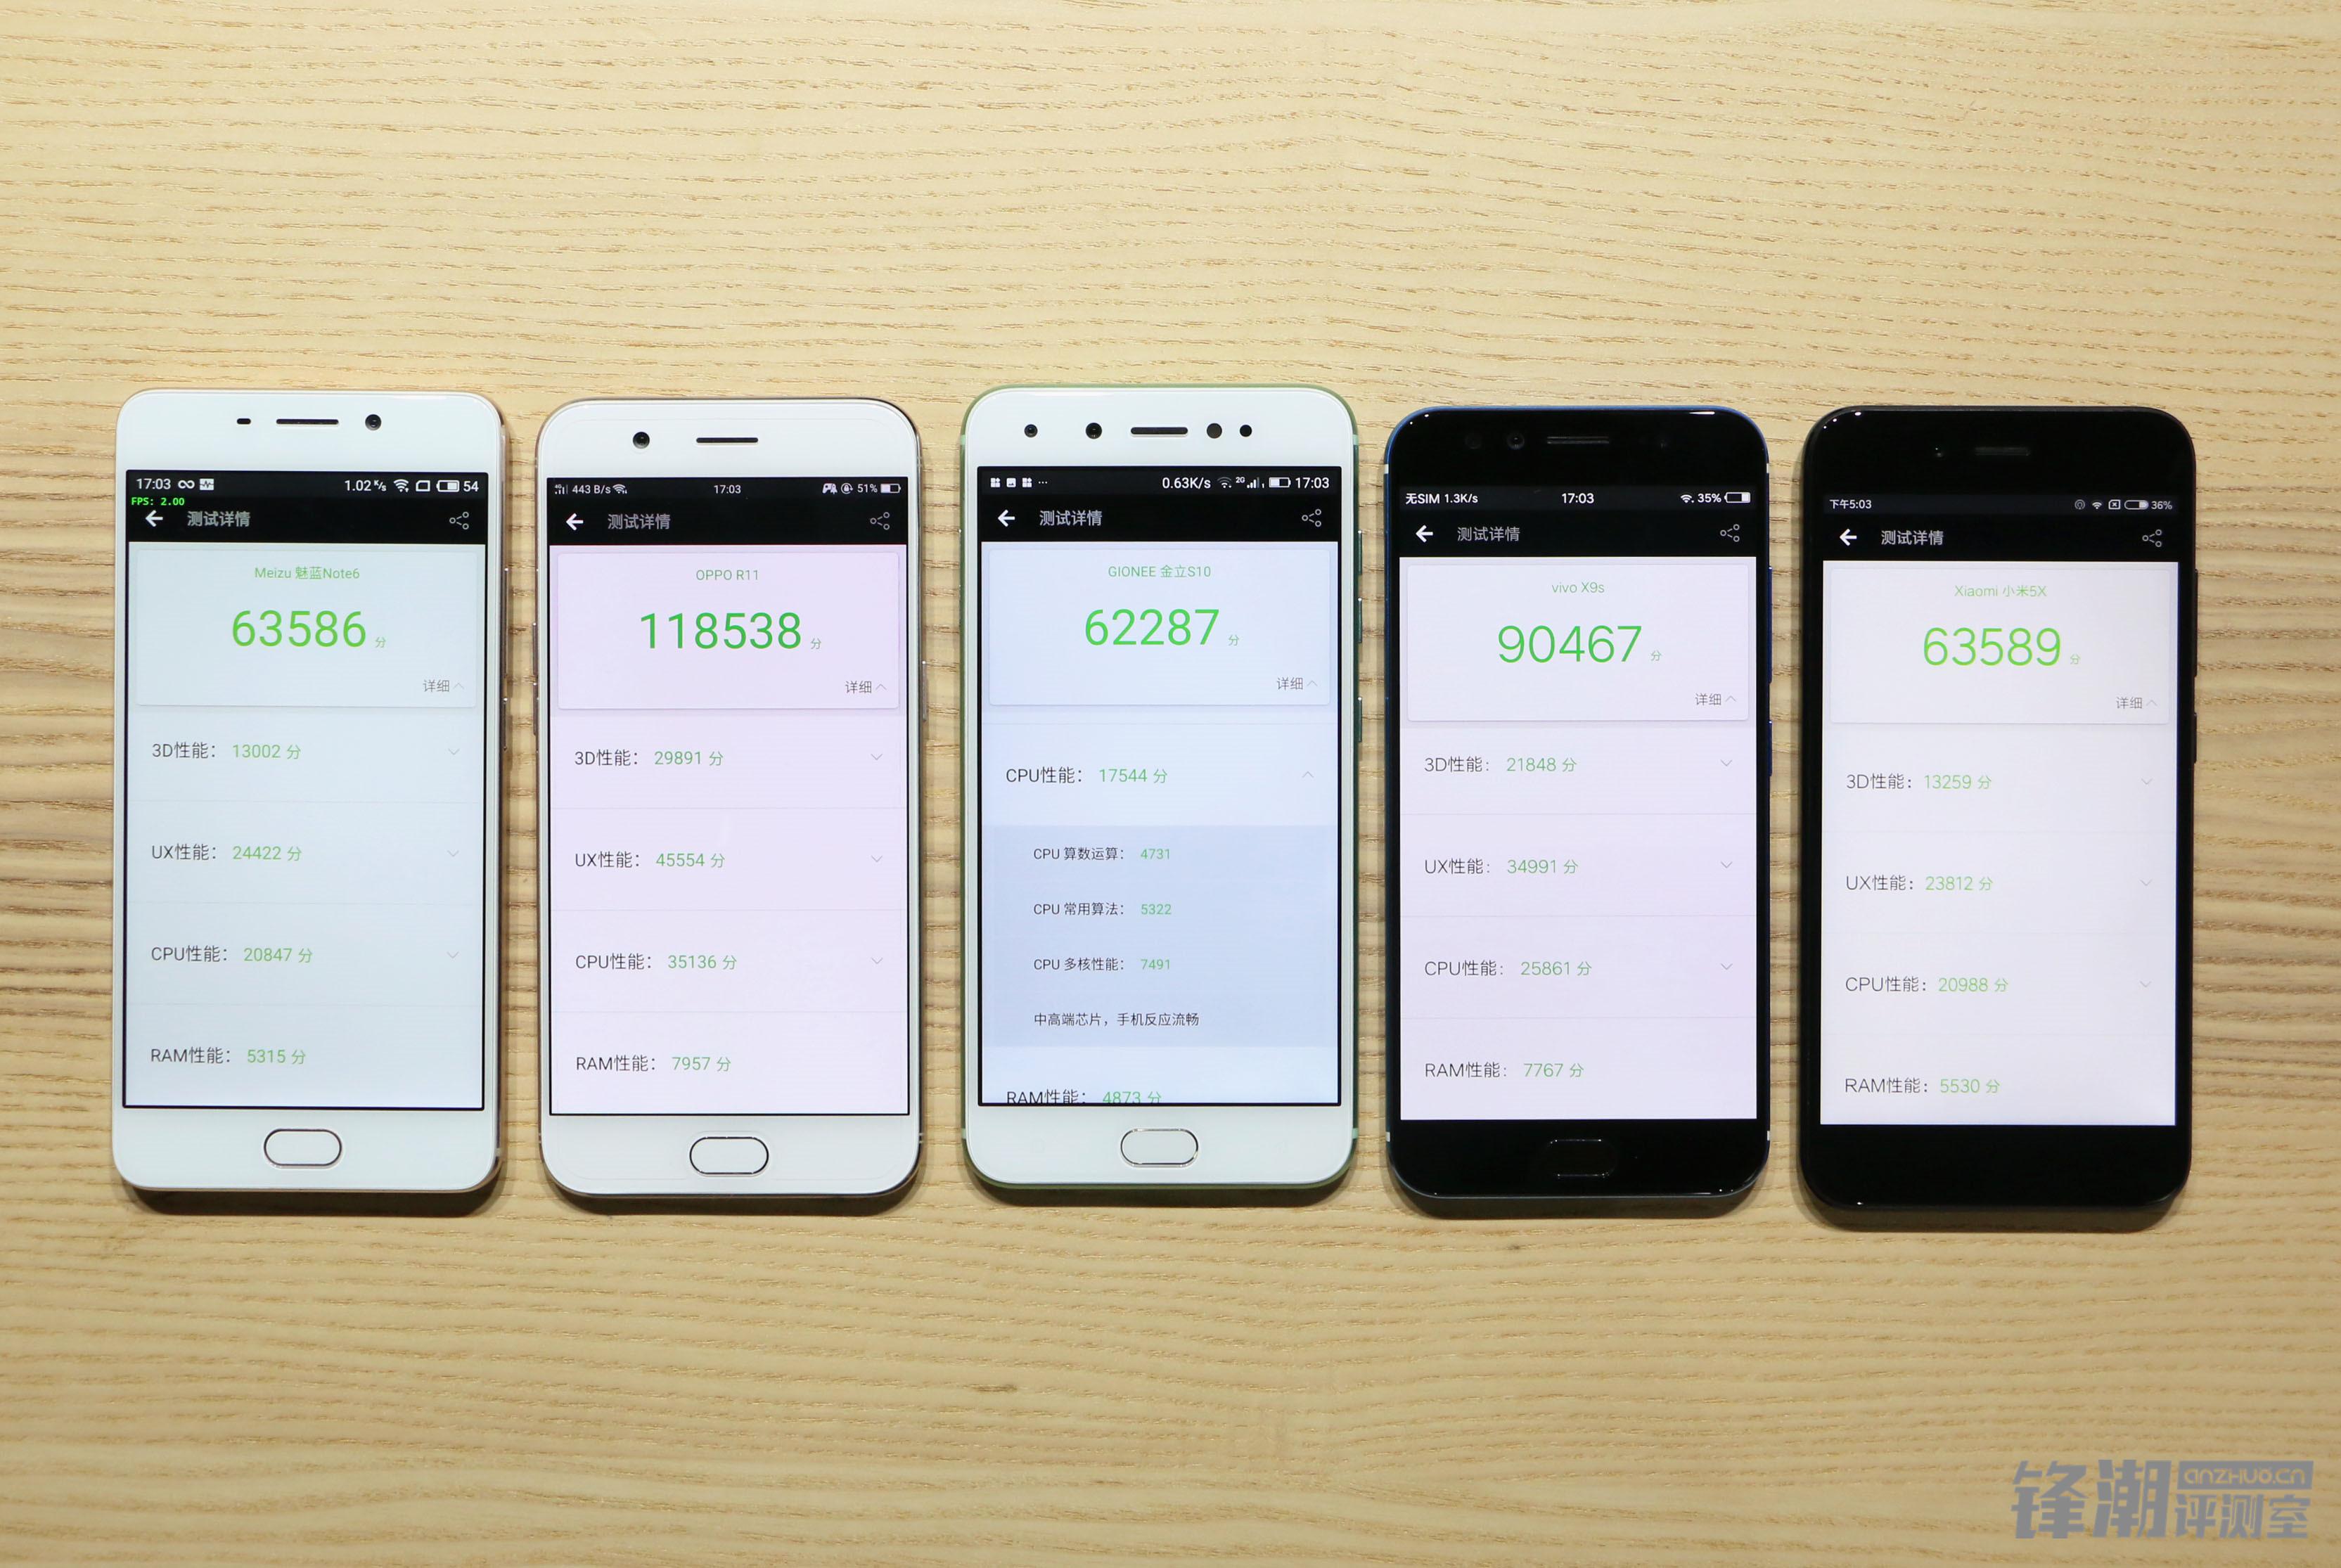 【力皮西】为什么他们会卖得这么火?线下最热门的五款手机对比